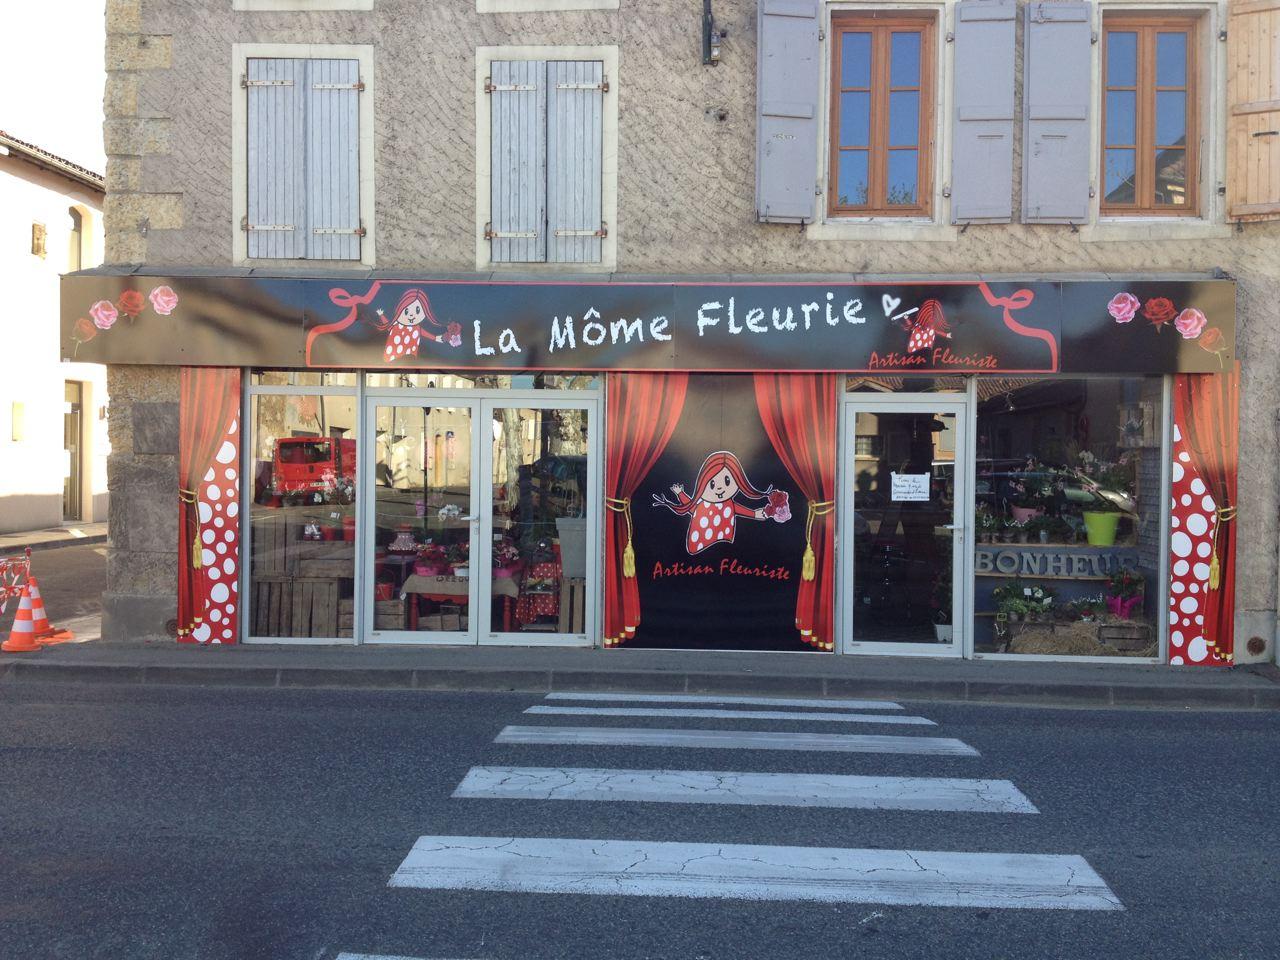 Réalisation de facade magasin La mome fleurie à Pavie par FreeCom Auch